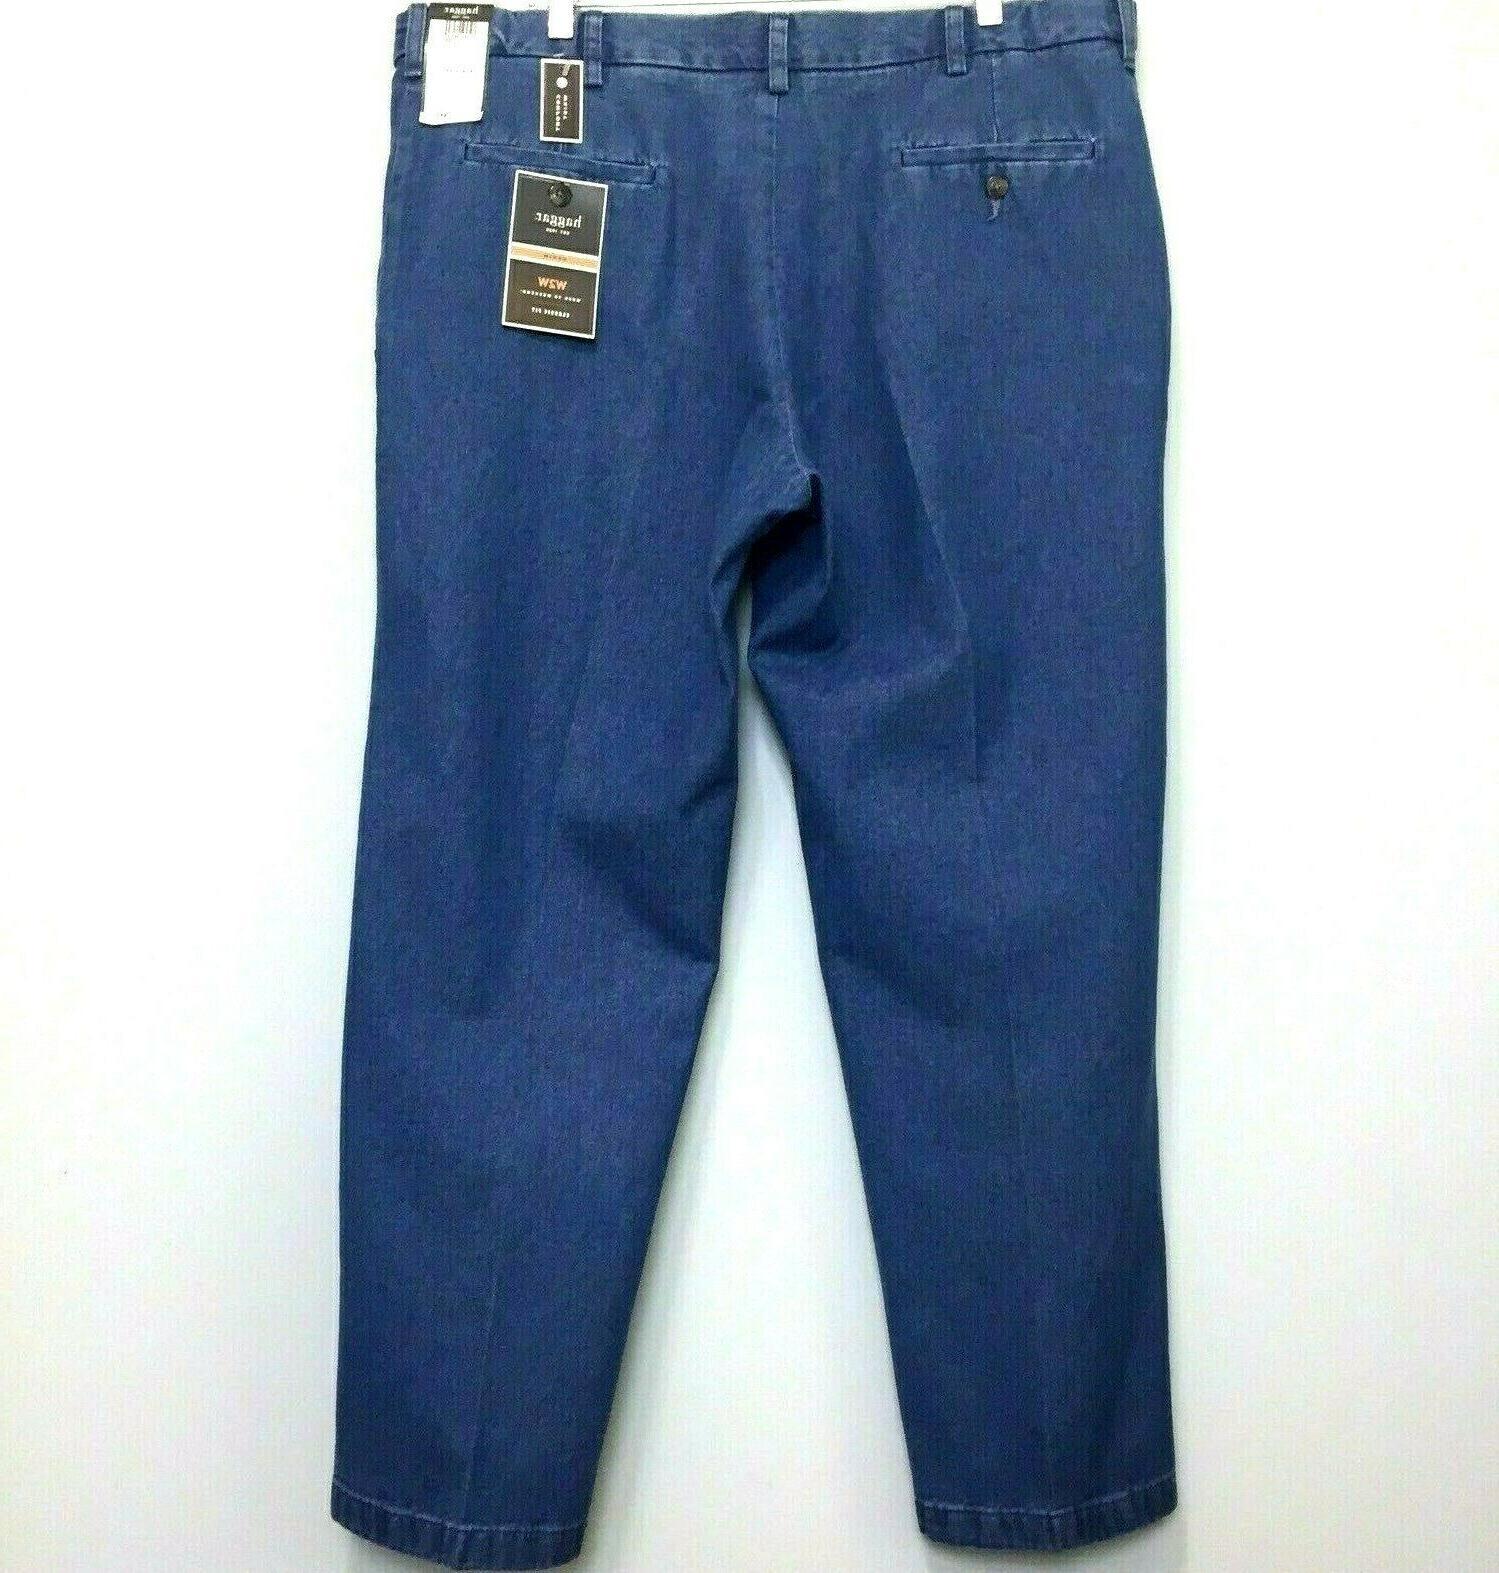 Haggar Men's Work Weekend Fit Jeans Comfort Waist x